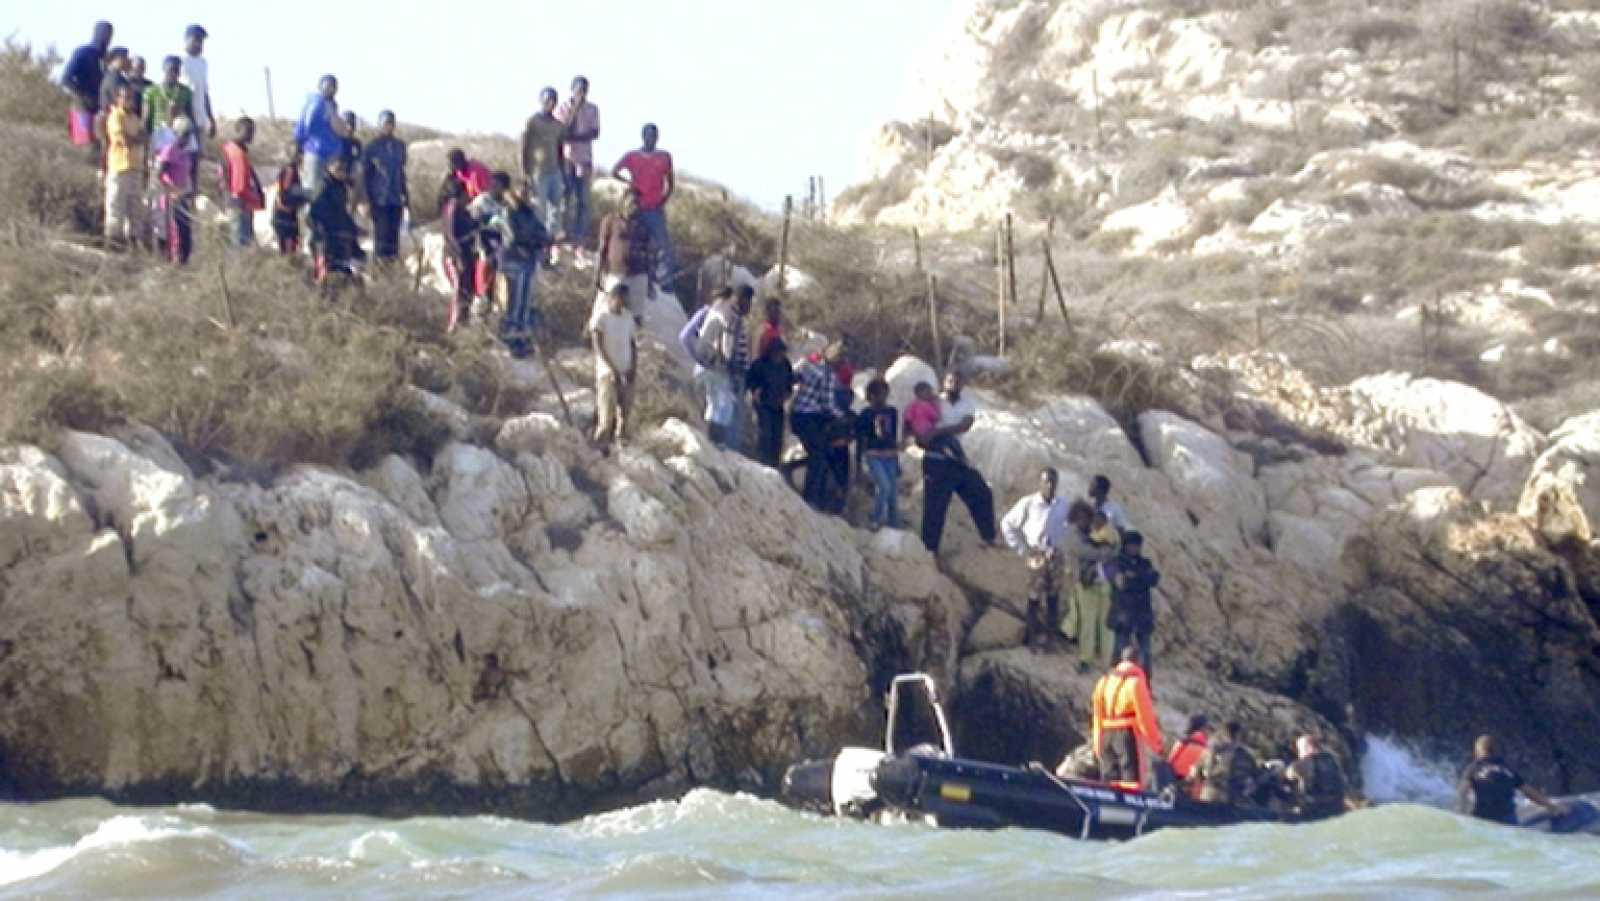 Desalojan durante la noche a los inmigrantes que se habían refugiado en un peñón español frente a Marruecos